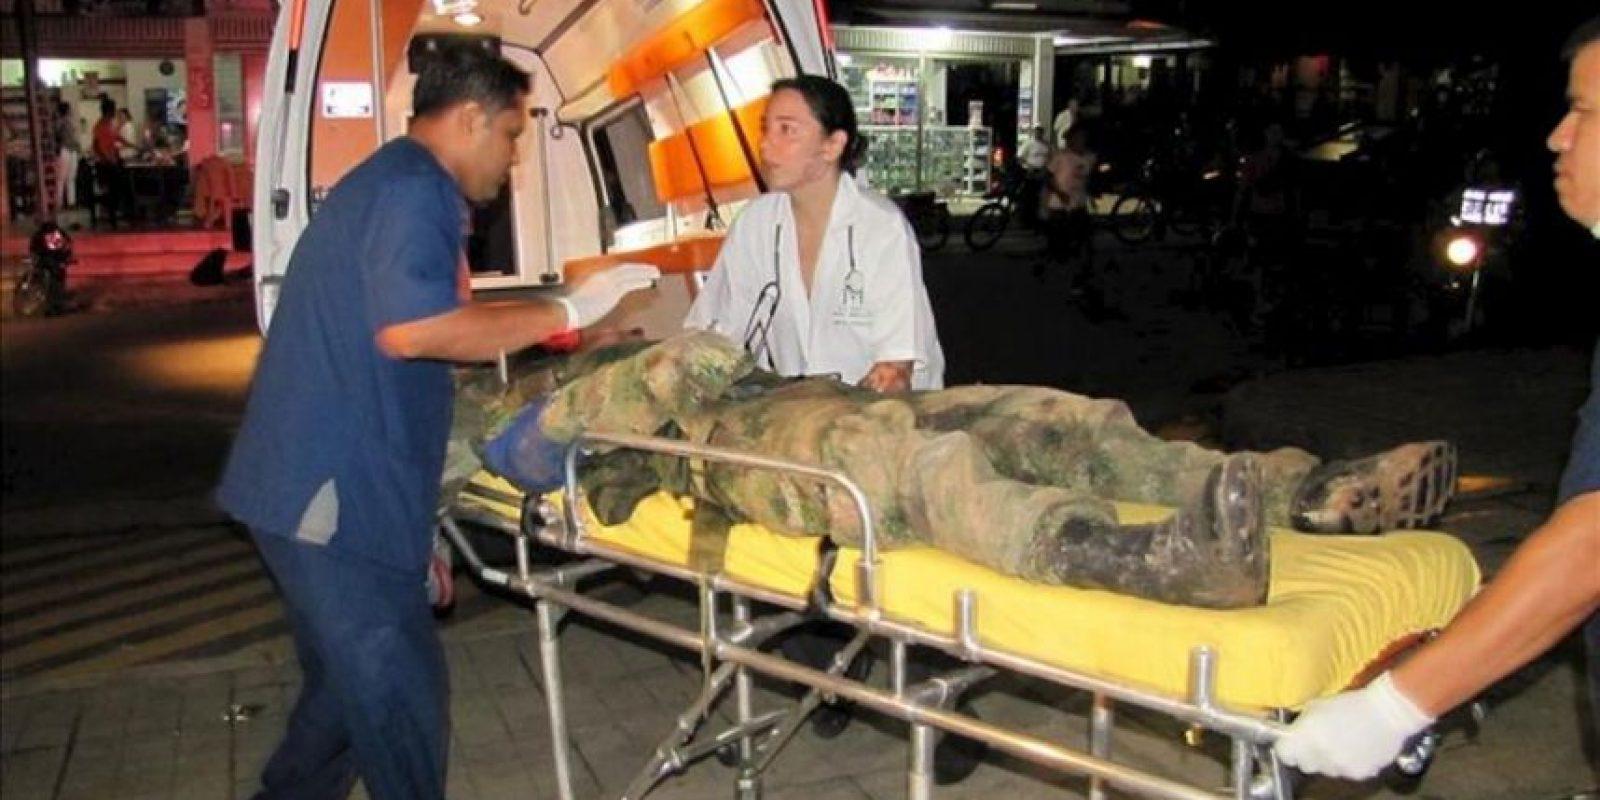 Las autoridades colombianas encontraron en las últimas horas al policía y los cuatro militares que fueron dados por desaparecidos tras los combates del sábado con las FARC e intensifican la búsqueda del periodista francés Roméo Langlois, quien documentaba las labores de ese batallón antidrogas. En los enfrentamientos murieron otros cuatro uniformados. EFE